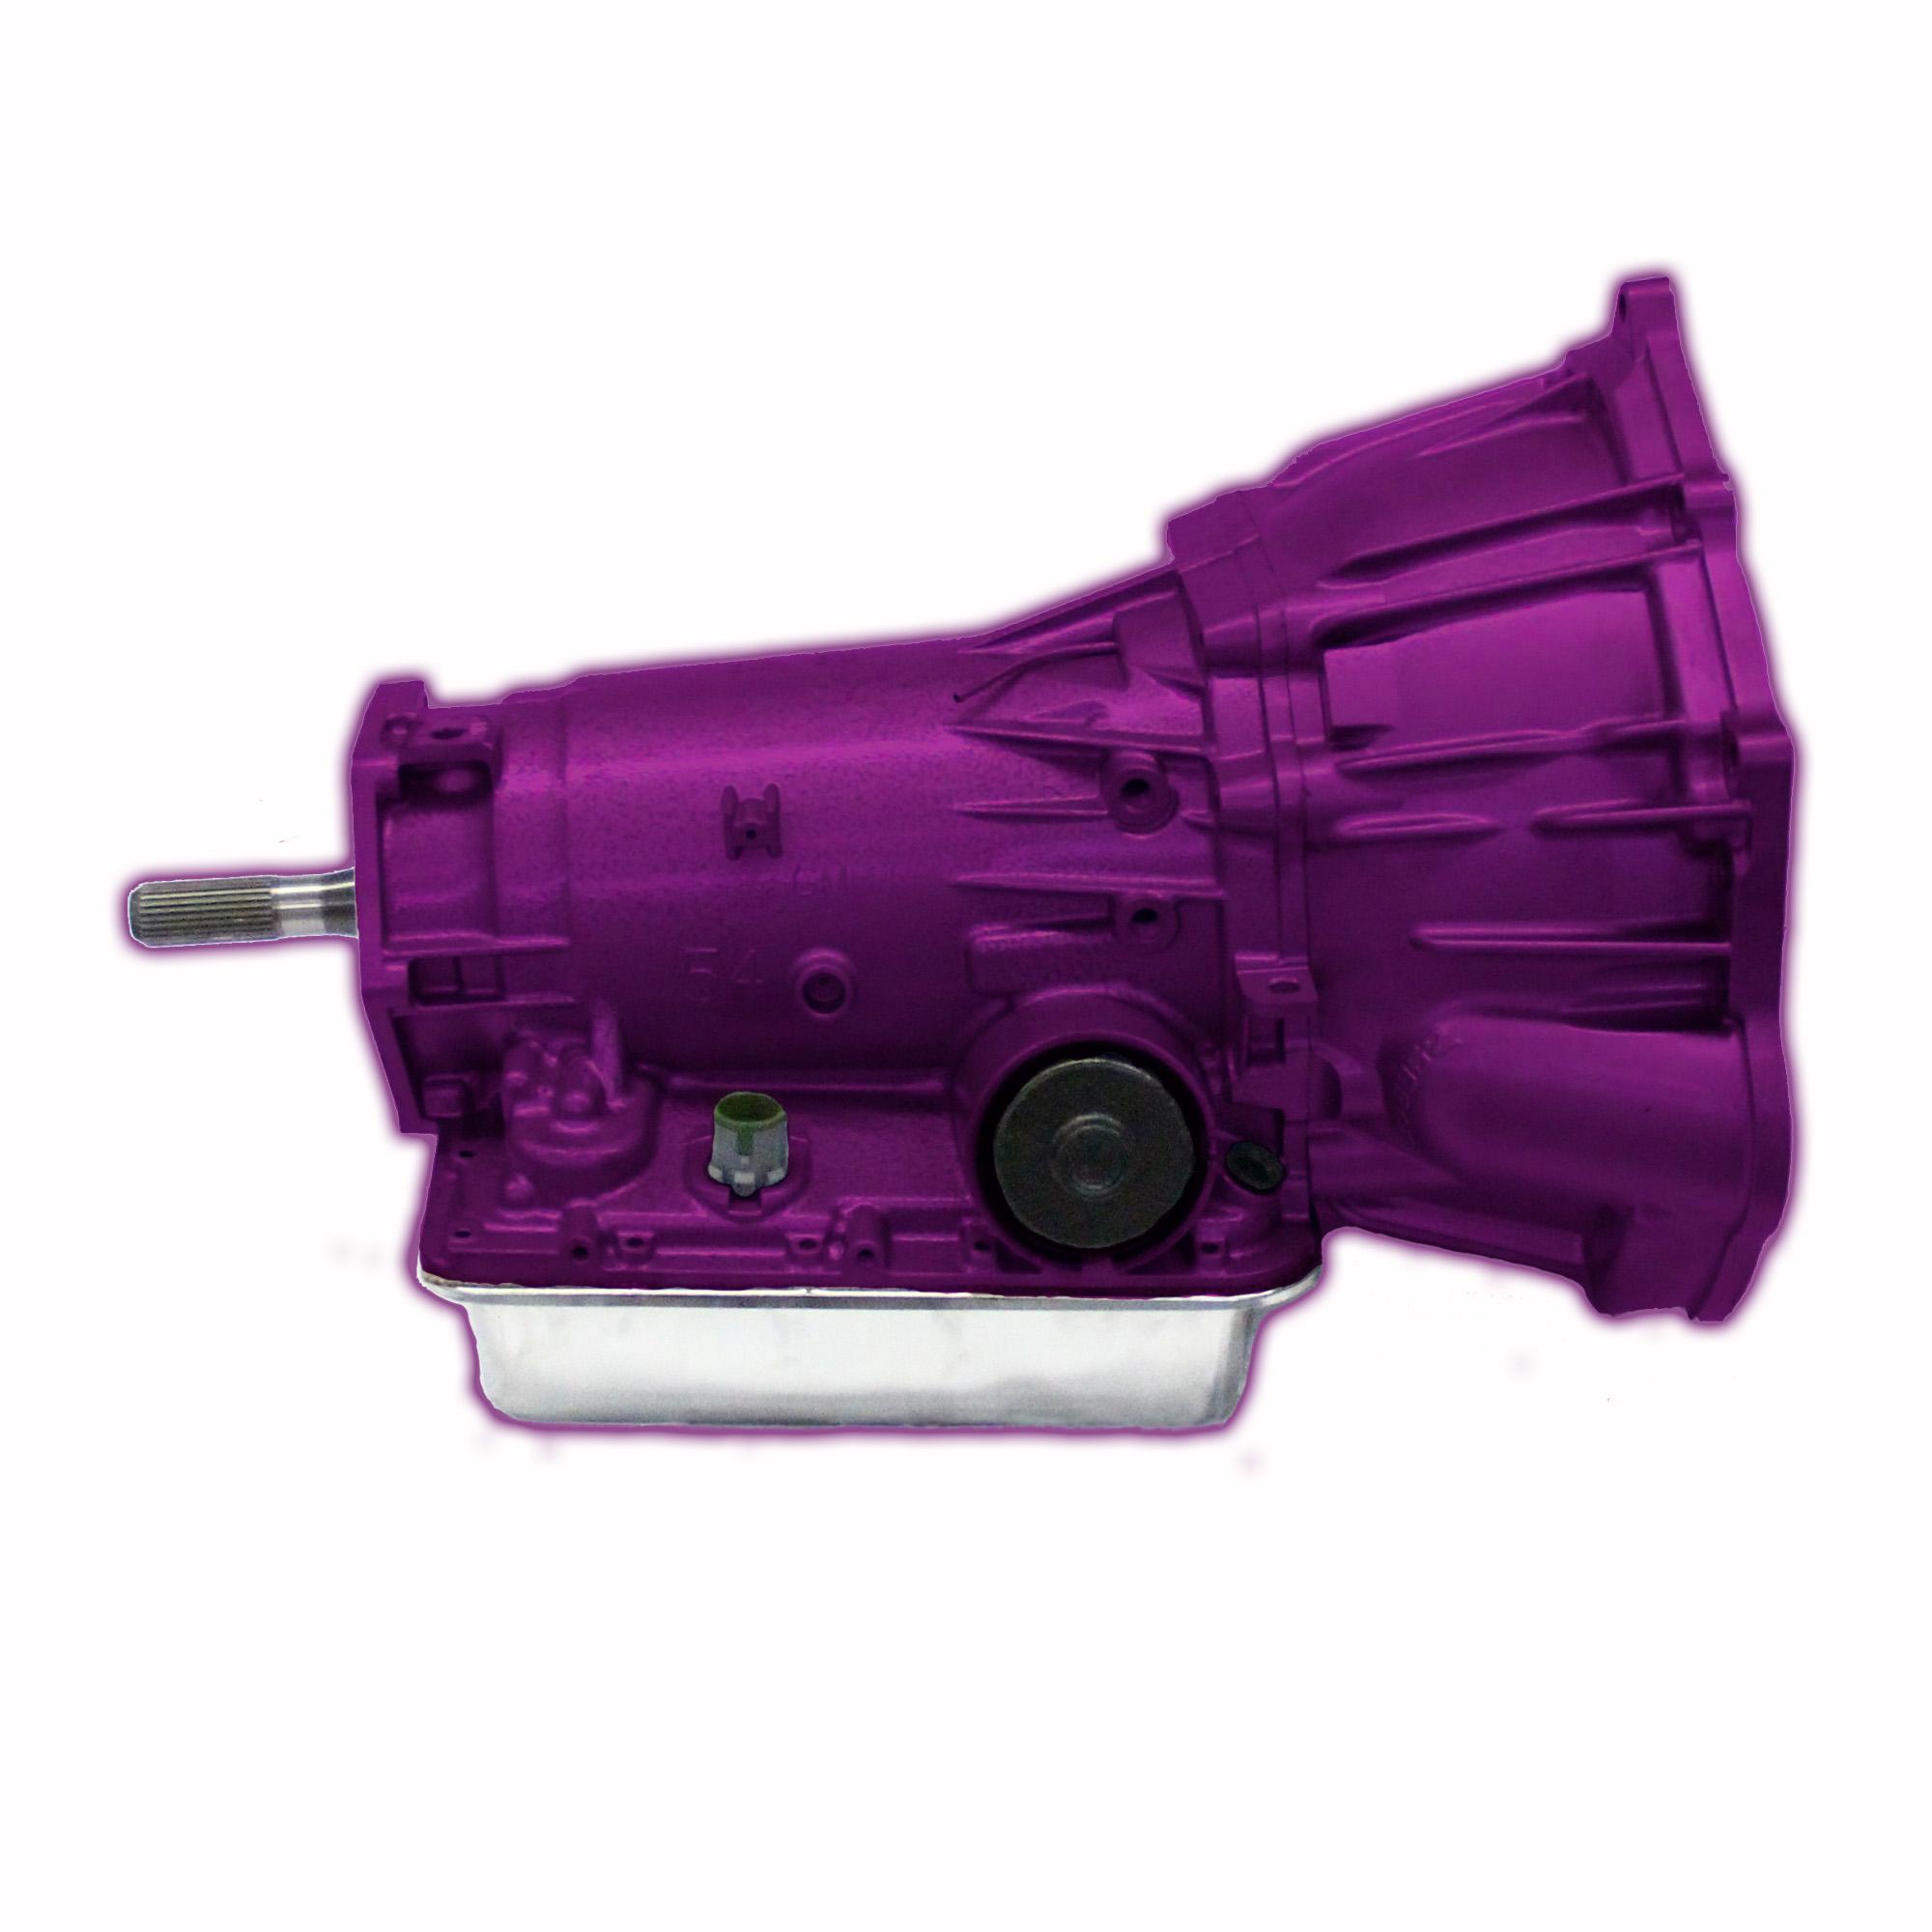 4L60E/4L65E Transmission Super Duty 4x4 Merch Purple